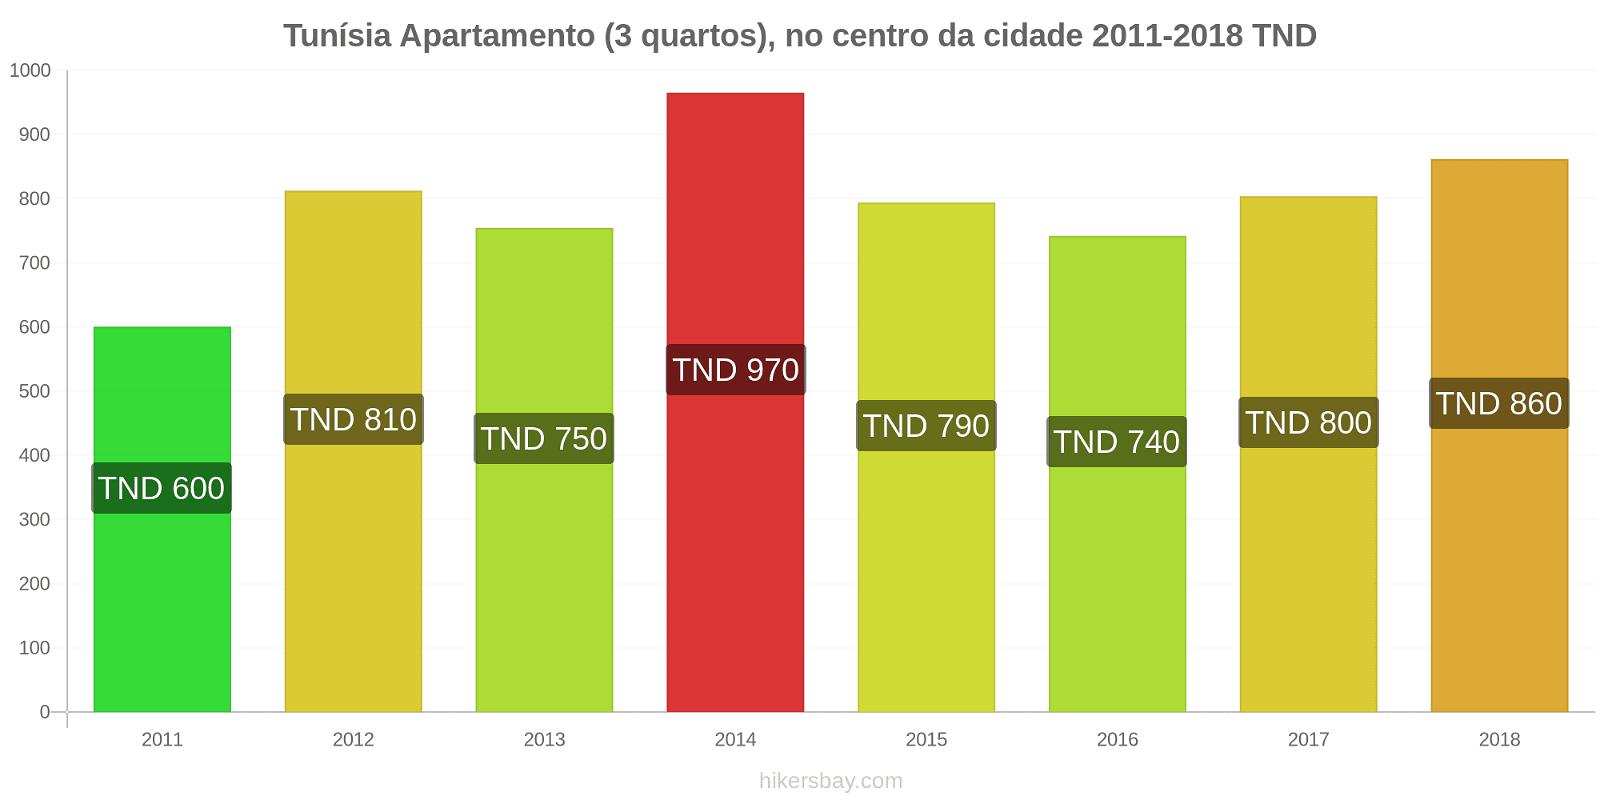 Tunísia variação de preço Apartamento (3 quartos), no centro da cidade hikersbay.com